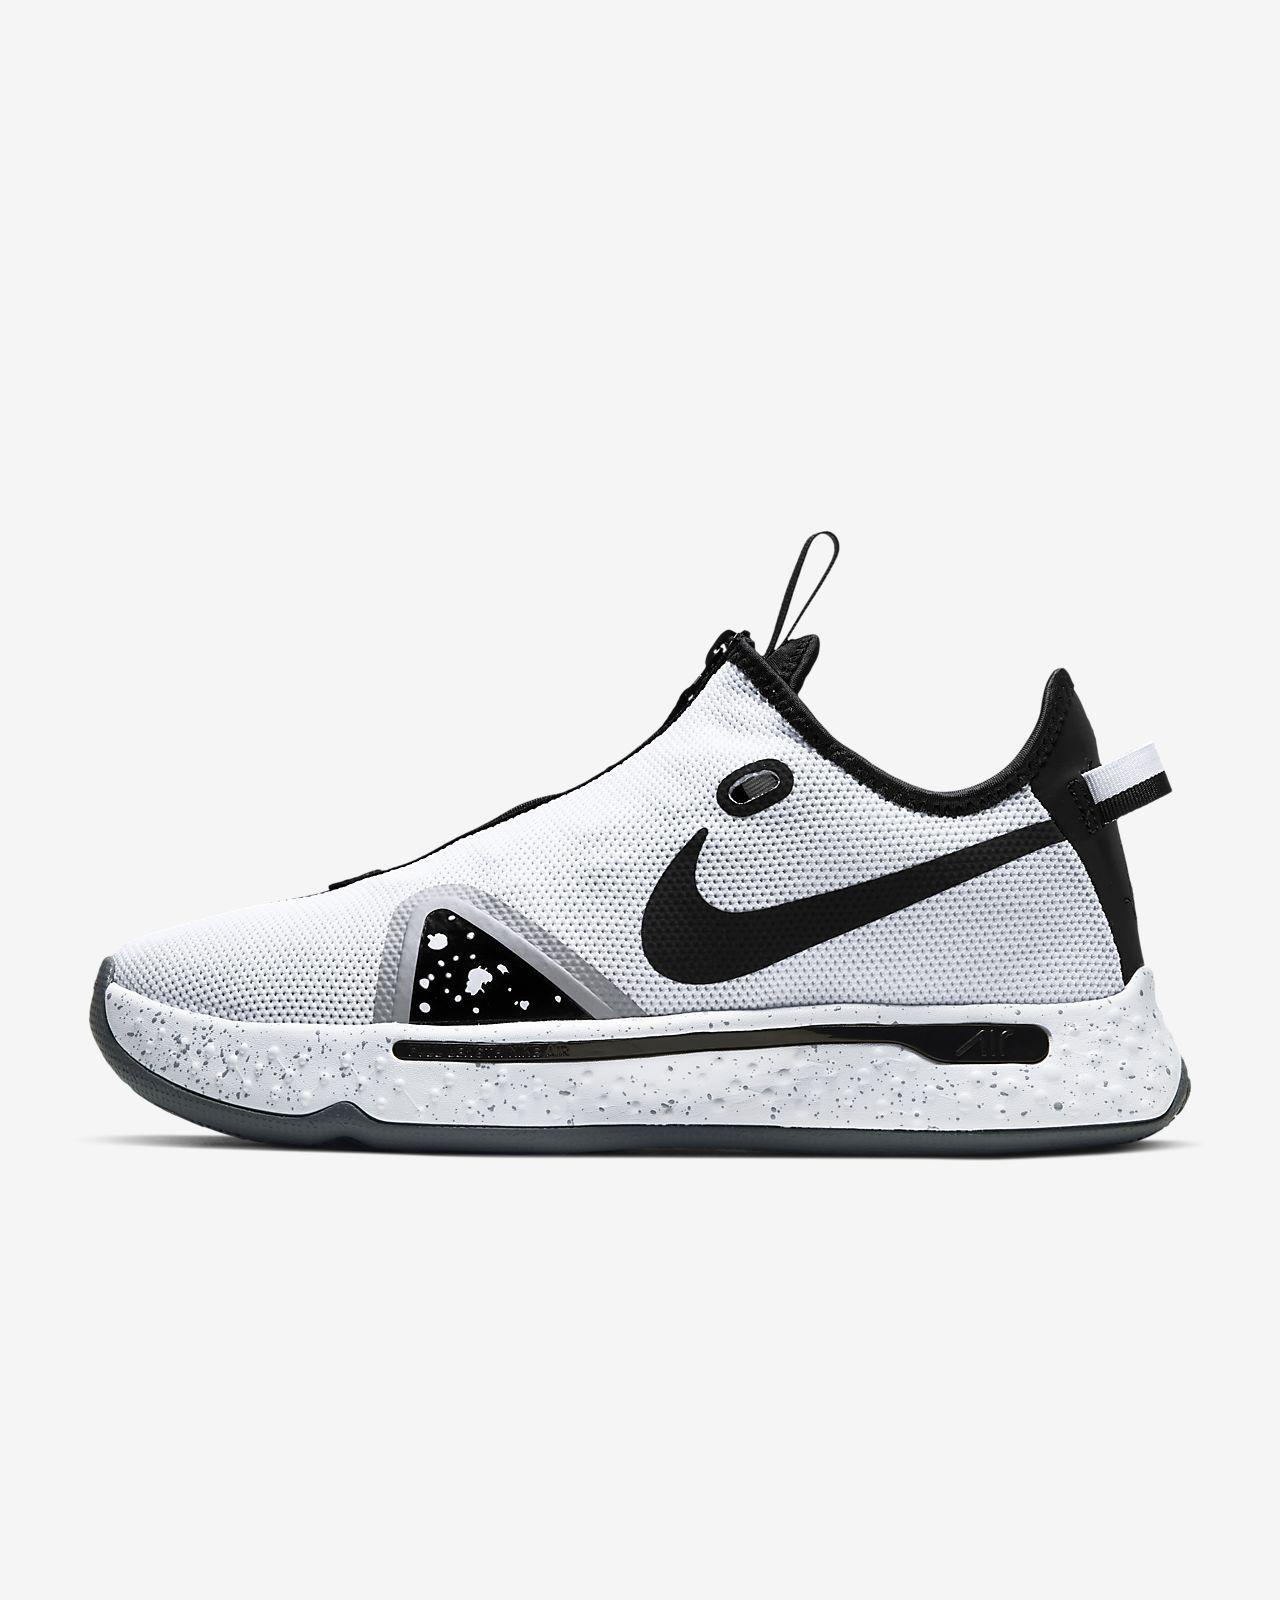 PG 4 Zapatillas de baloncesto